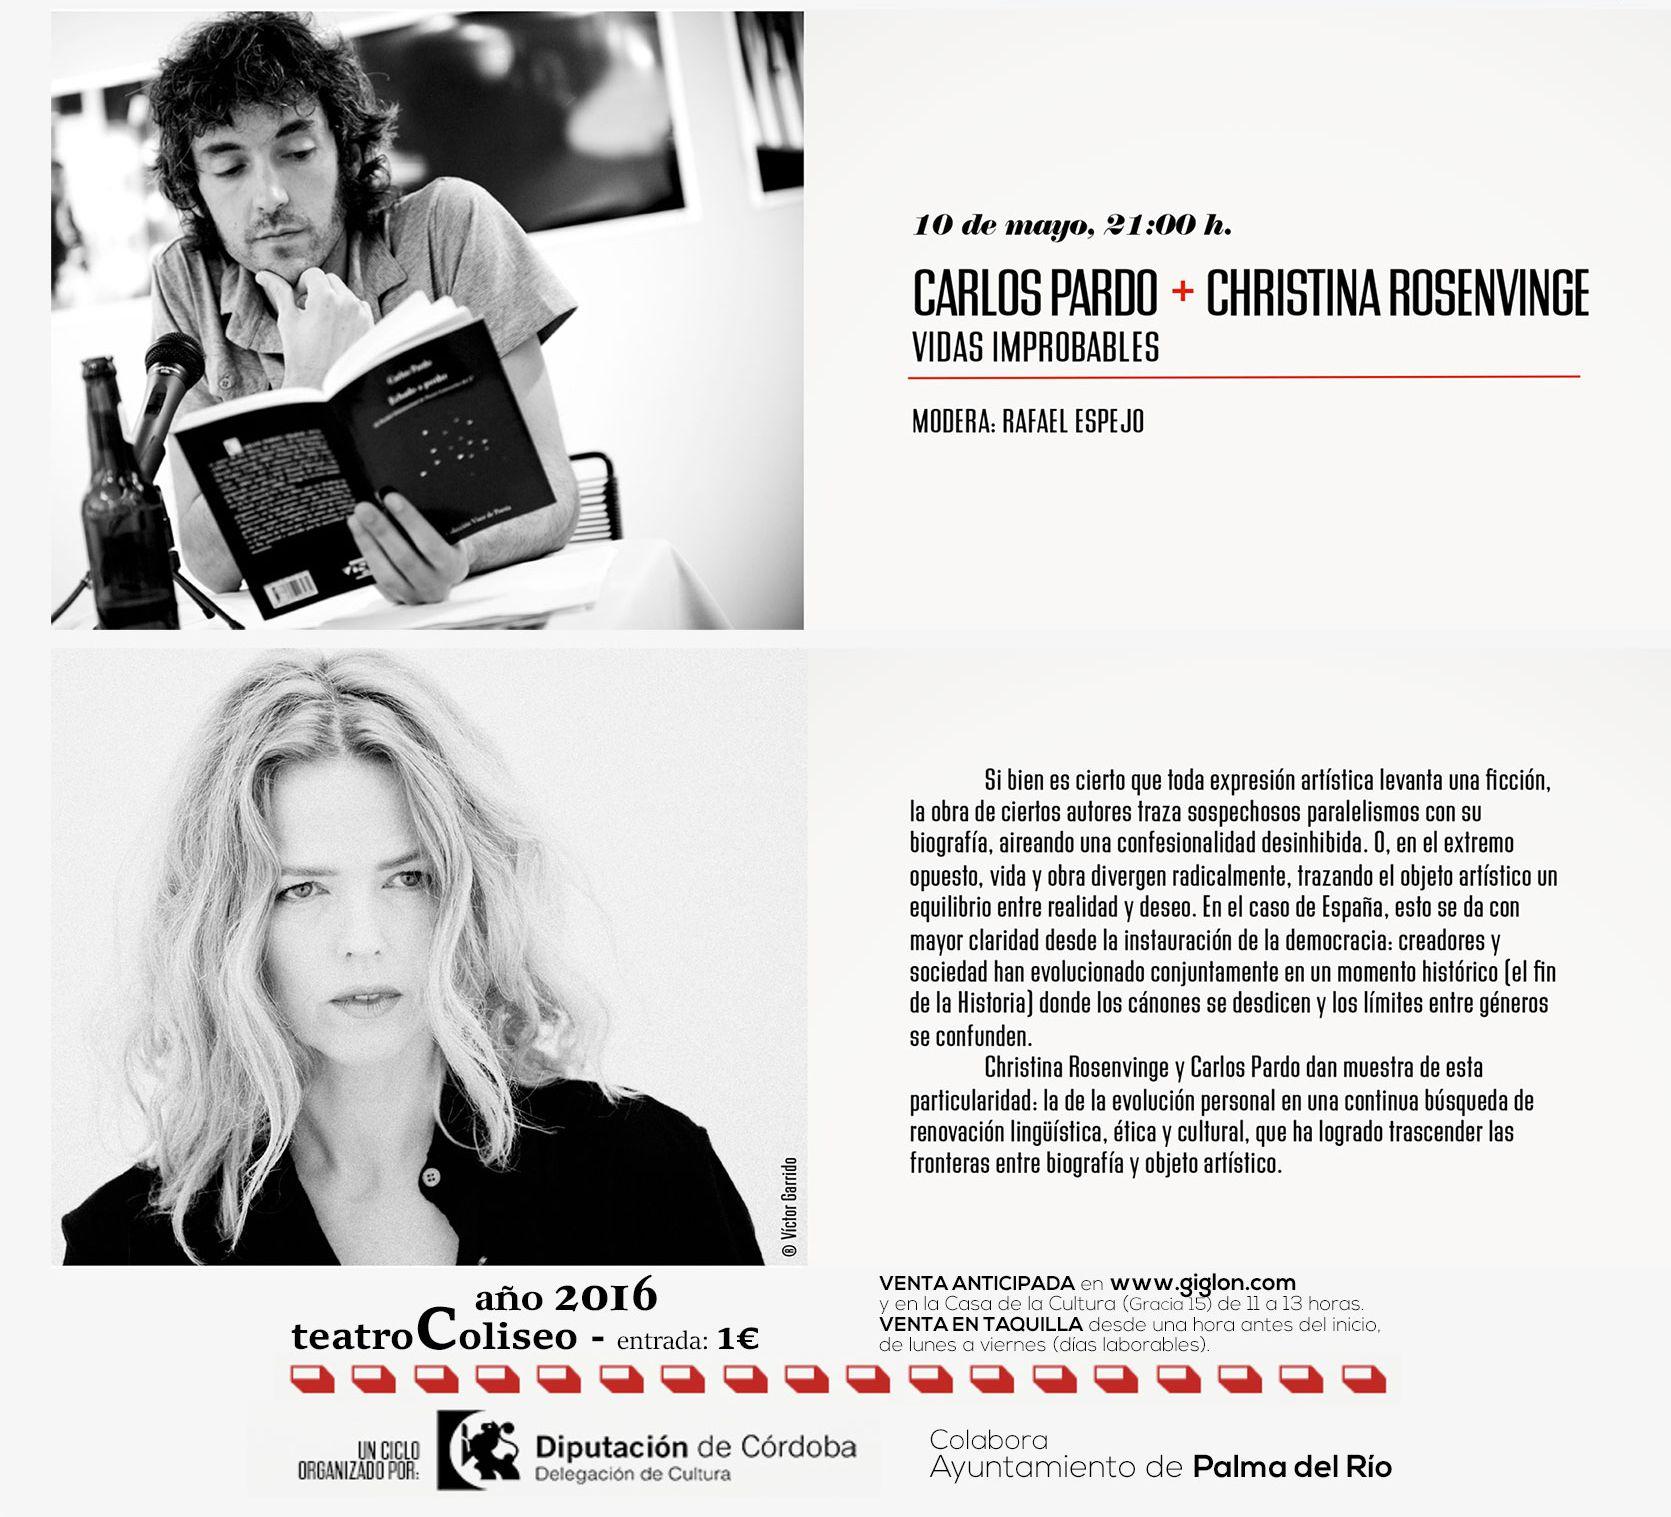 https://www.palmadelrio.es/sites/default/files/1.cartelweb-tenemos-la-palabra-10-mayo.jpg